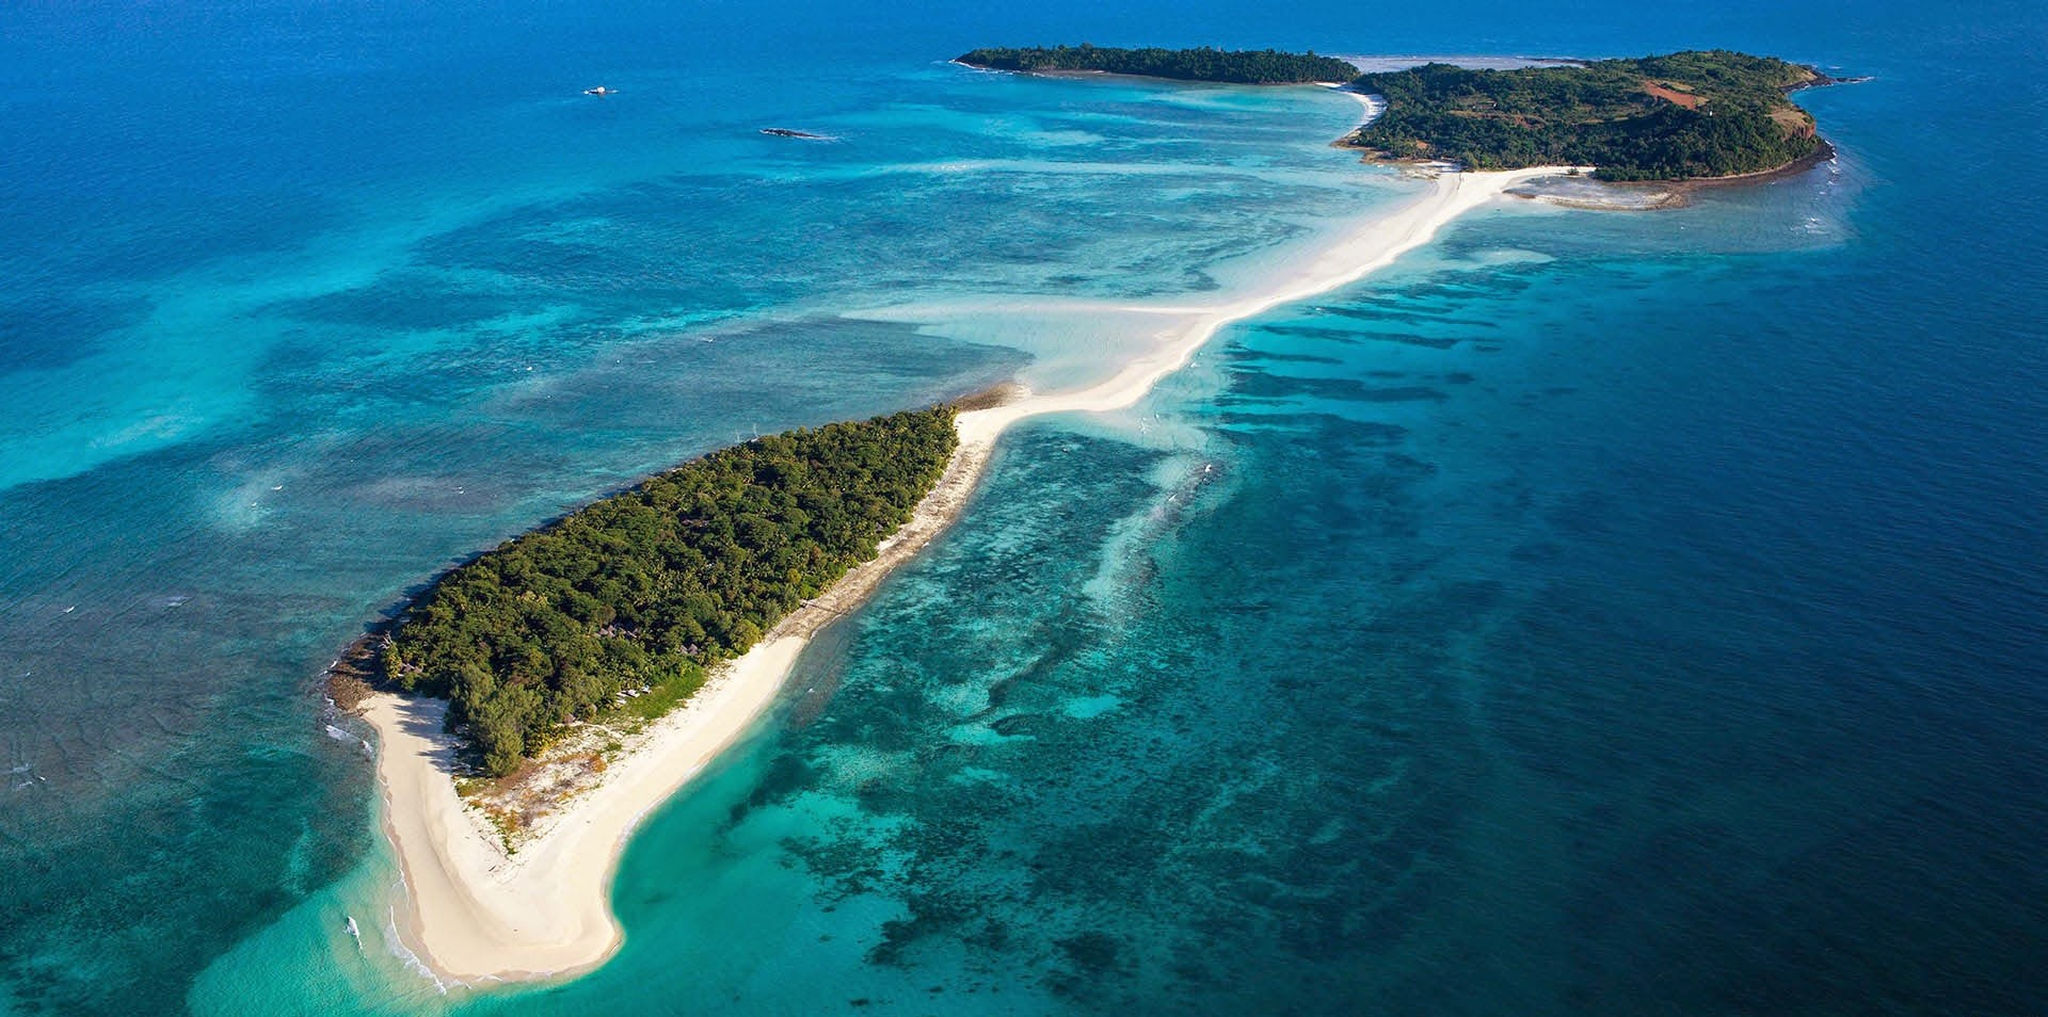 Nosy Be Island in Madagascar